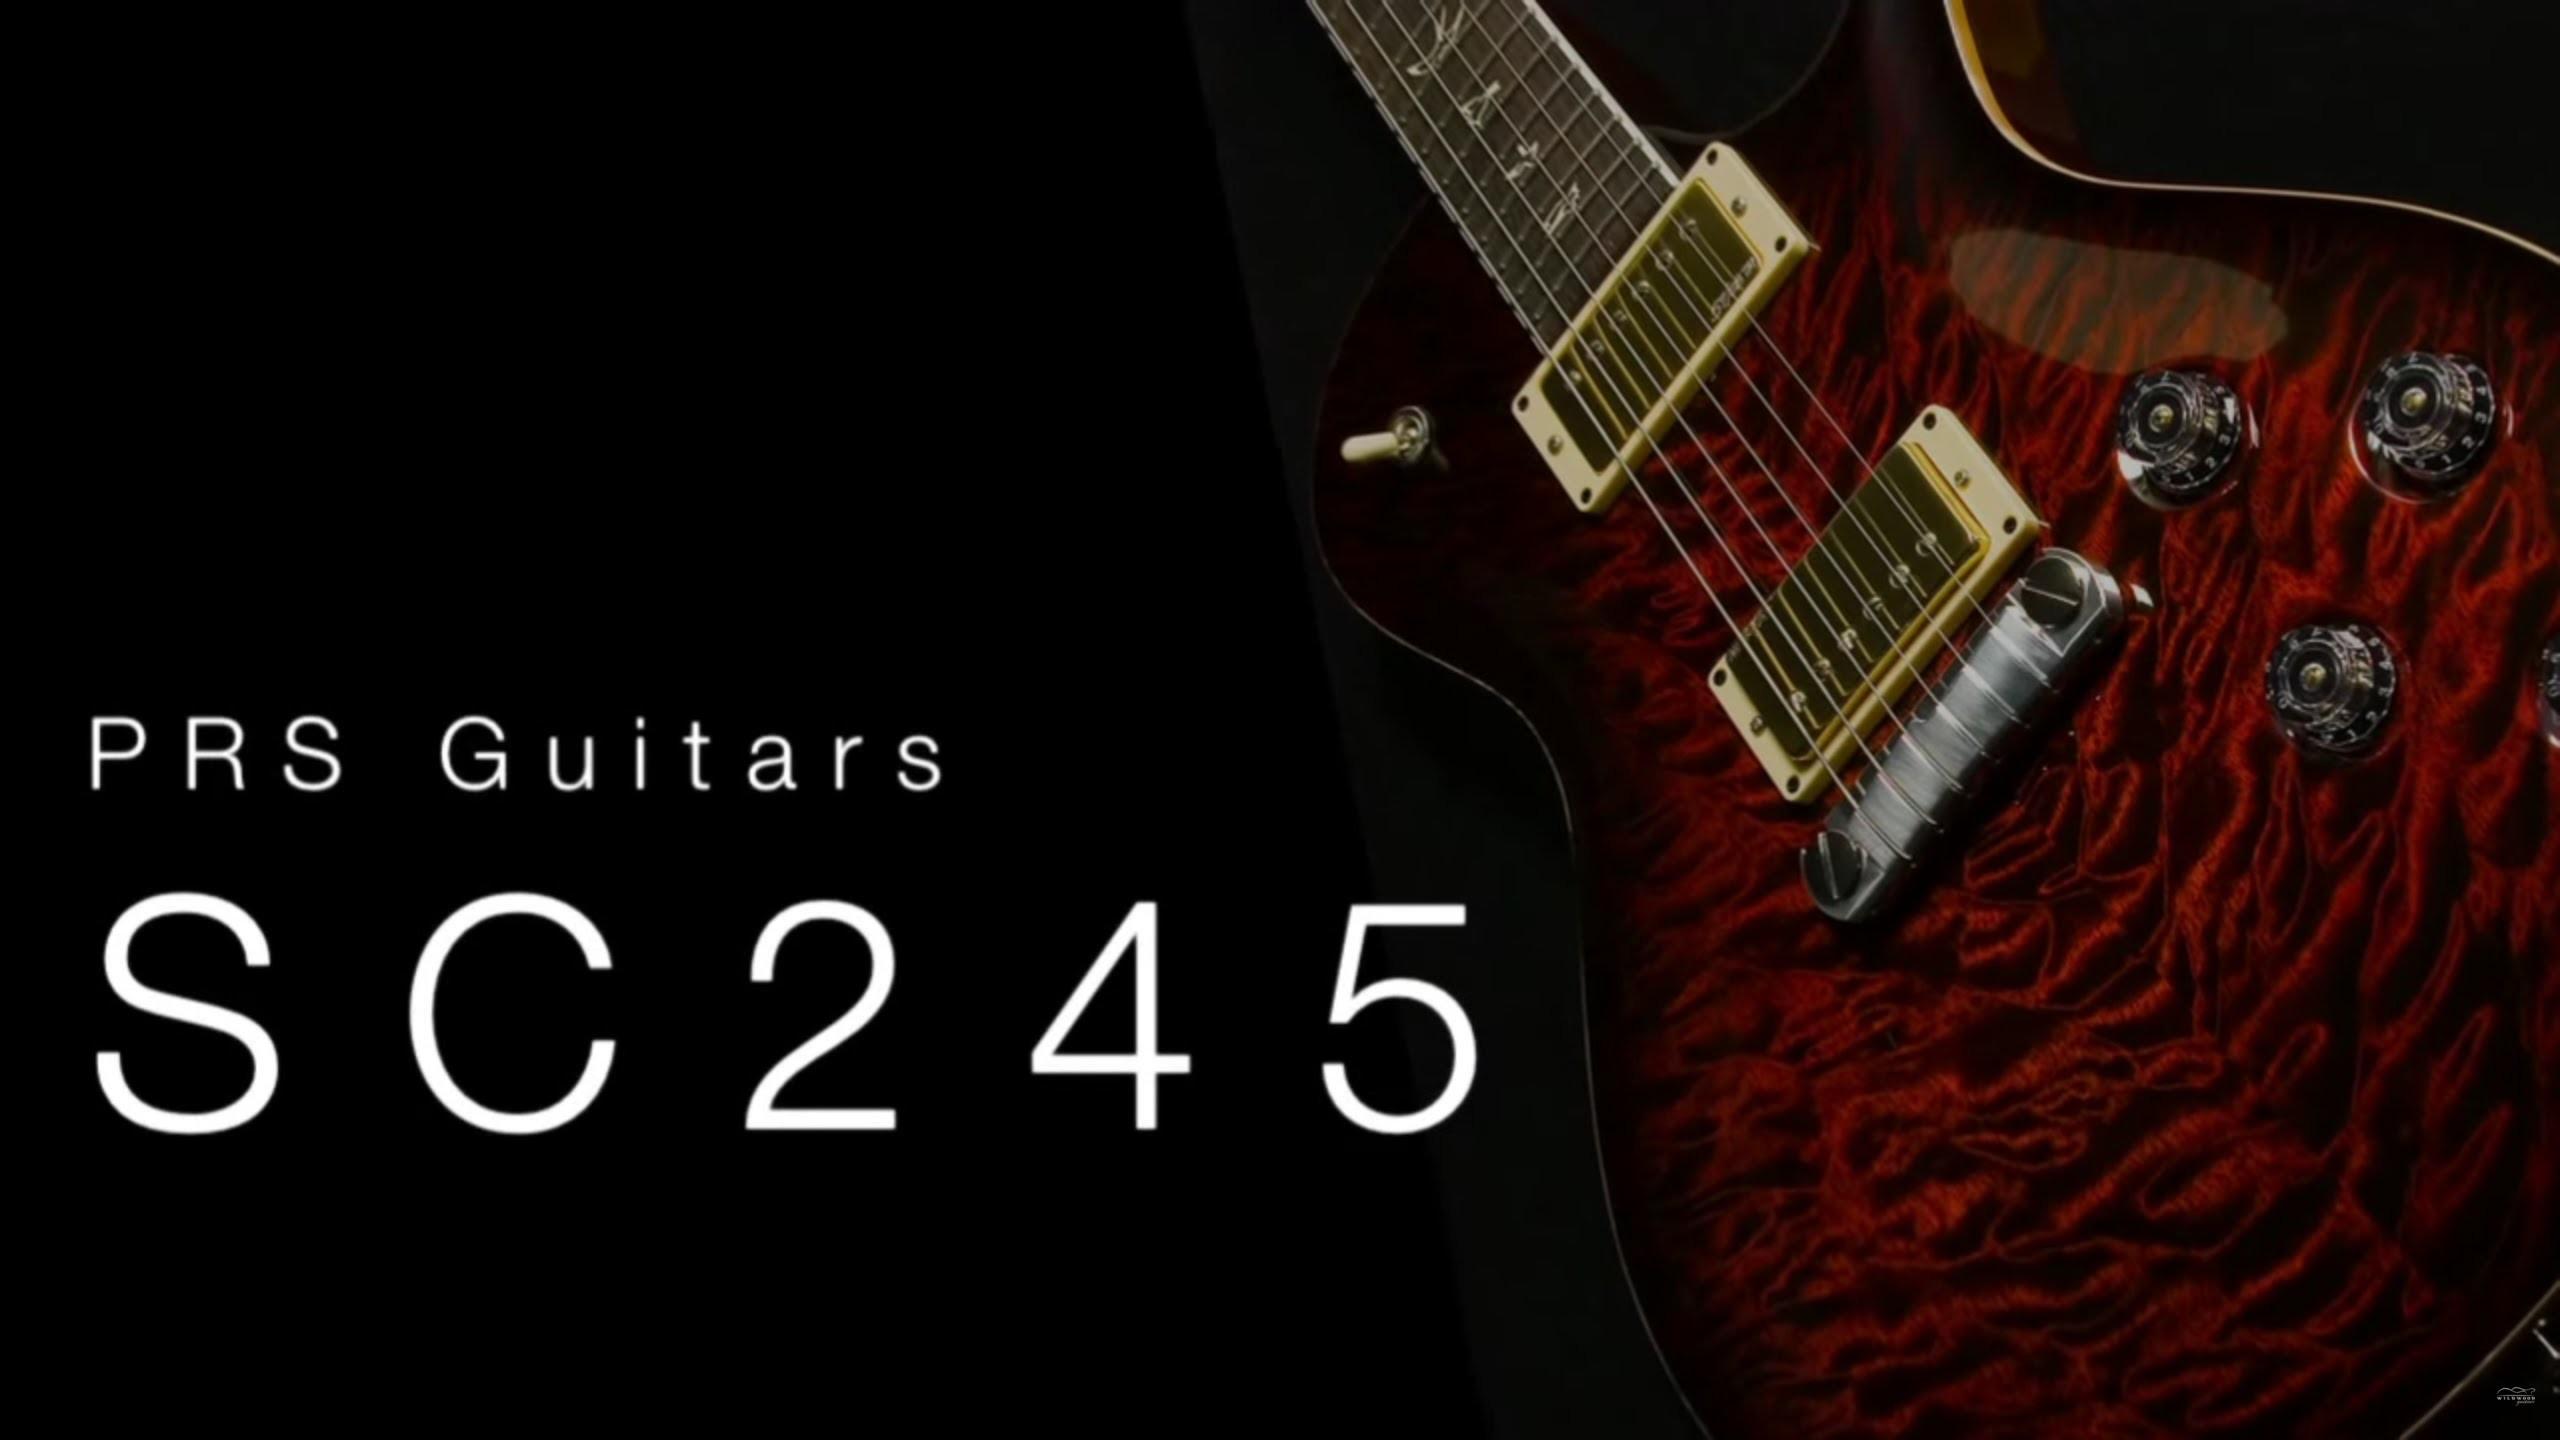 PRS SC245 • Wildwood Guitars Overview